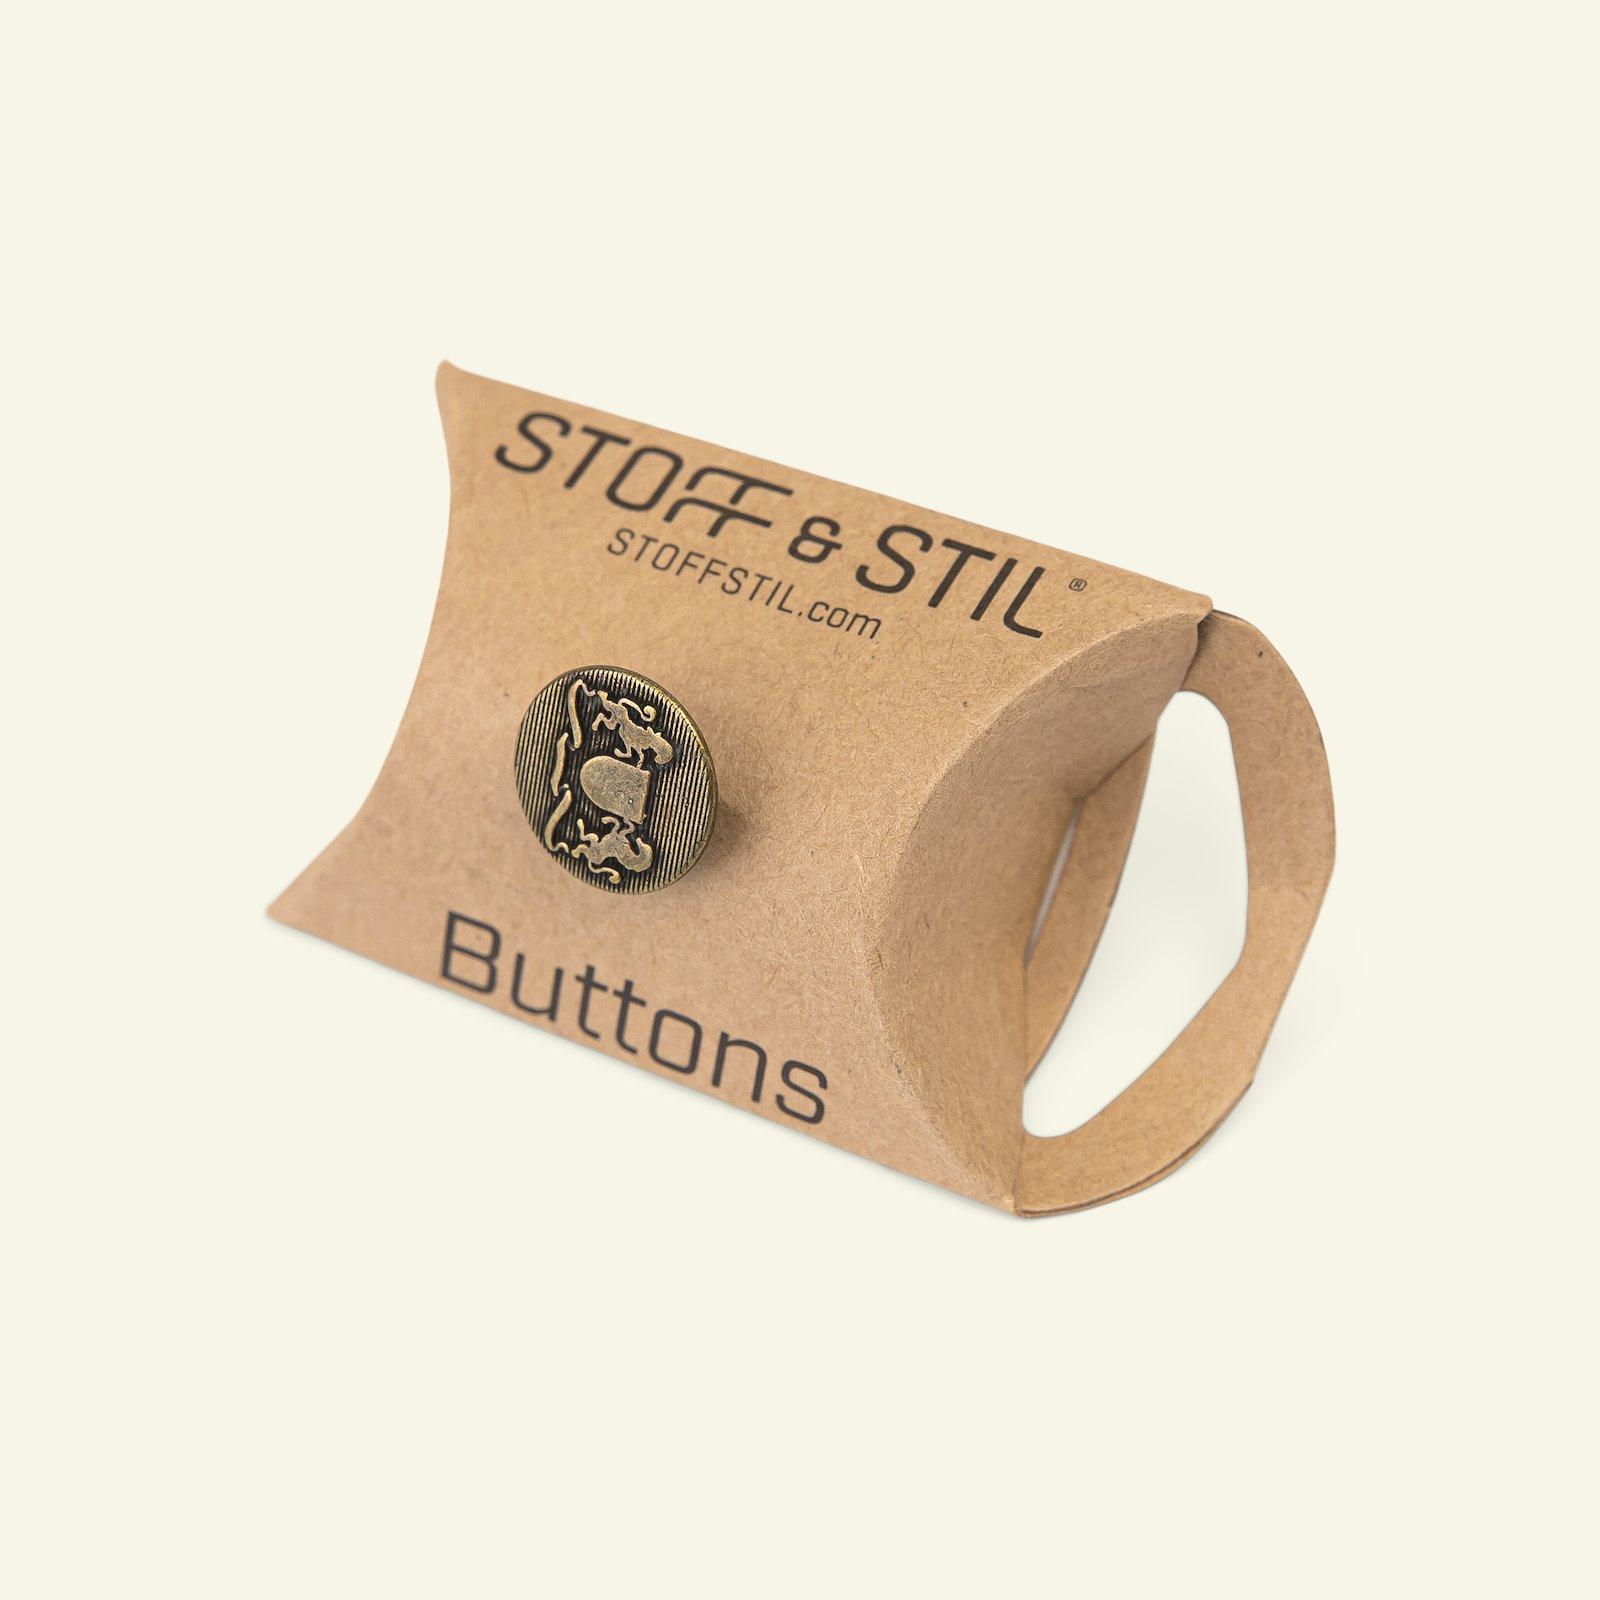 Shank button metal 15mm dark gold 10pcs 33588_pack_b